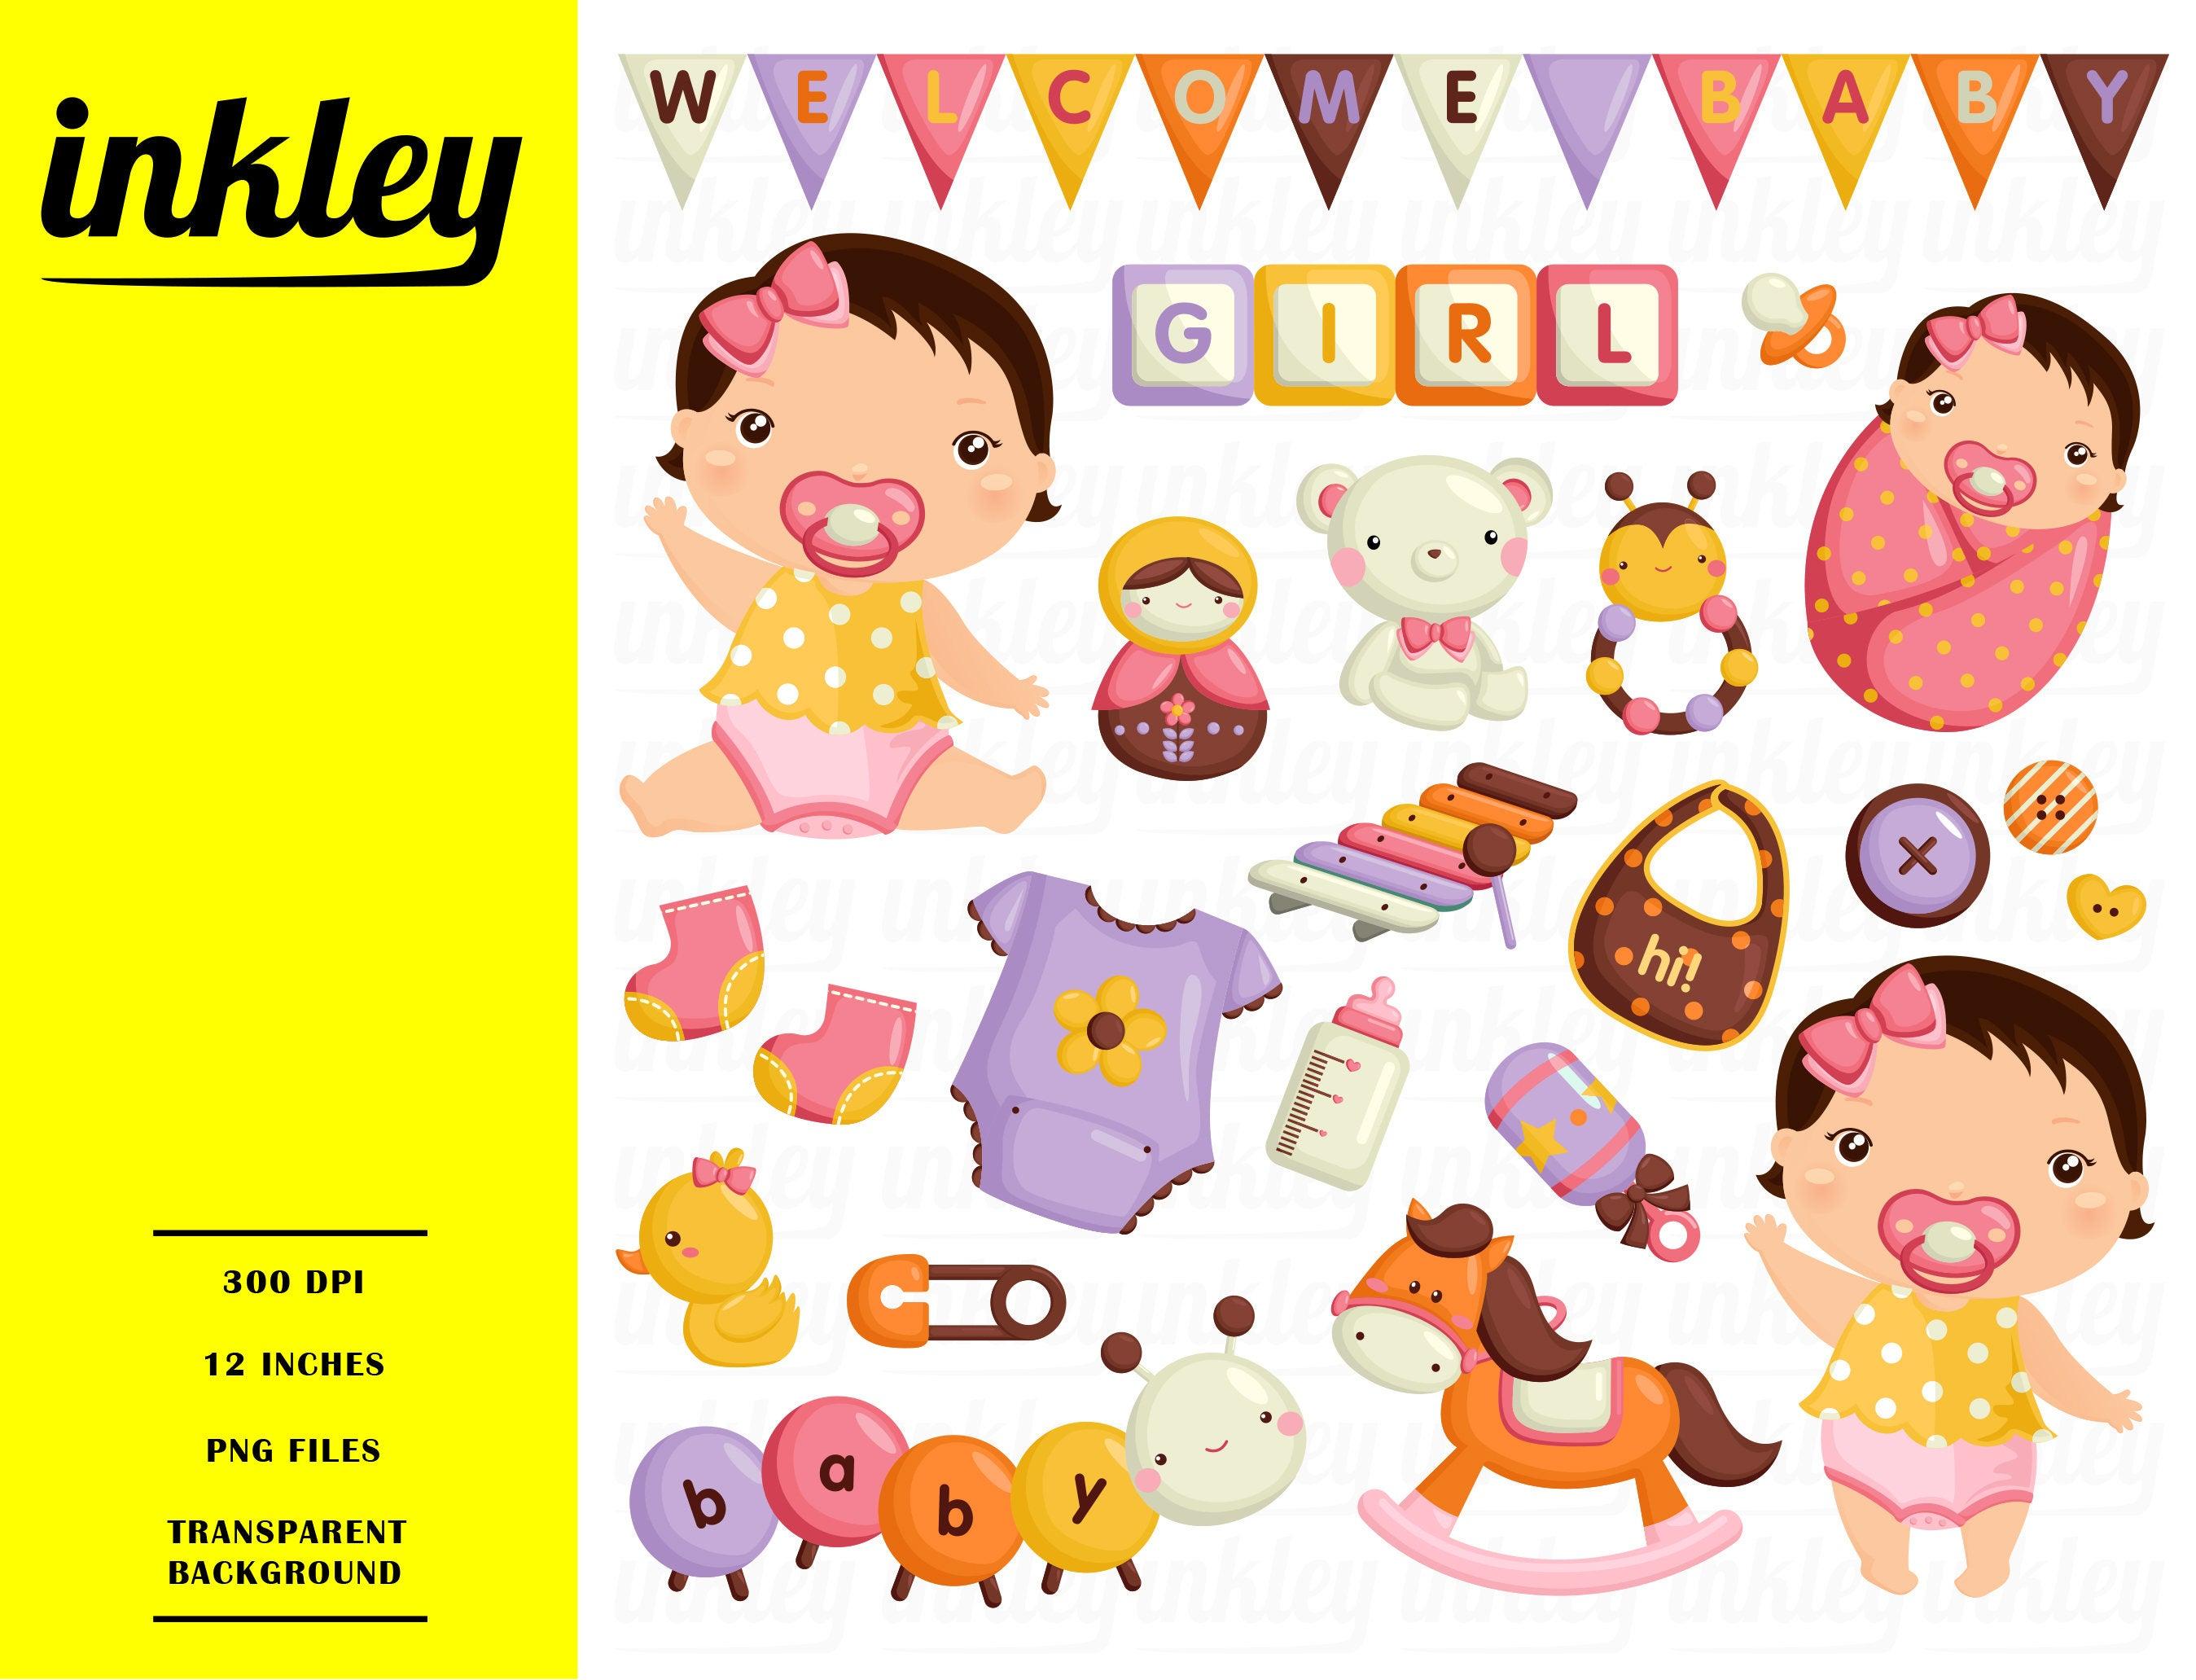 Baby Girl Clipart, Baby Girl Clip Art, Baby Girl Png, Toys Clipart, Cute  Babies Clipart, Cute Kids Clipart, Horse Clipart, Bear Clipart.